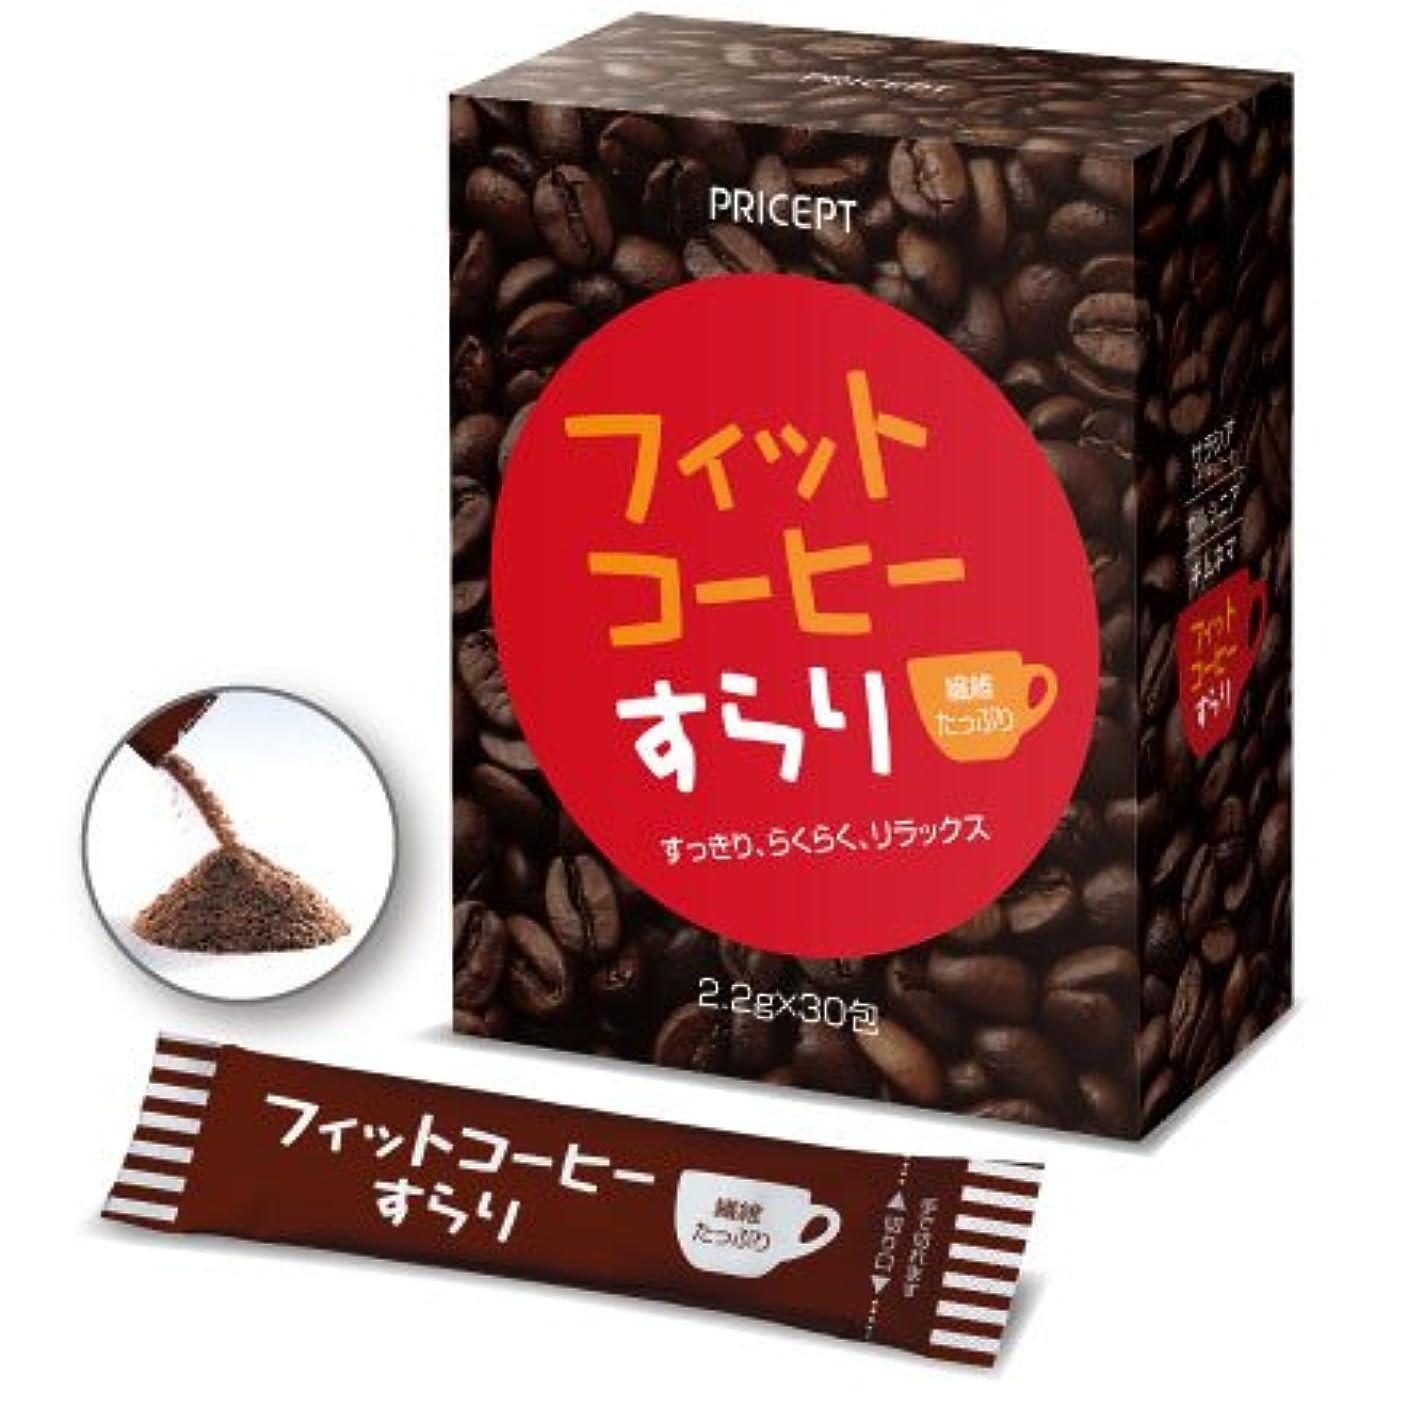 学んだレンディションと組むプリセプト フィットコーヒーすらり 30包【単品】(ダイエットサポートコーヒー)